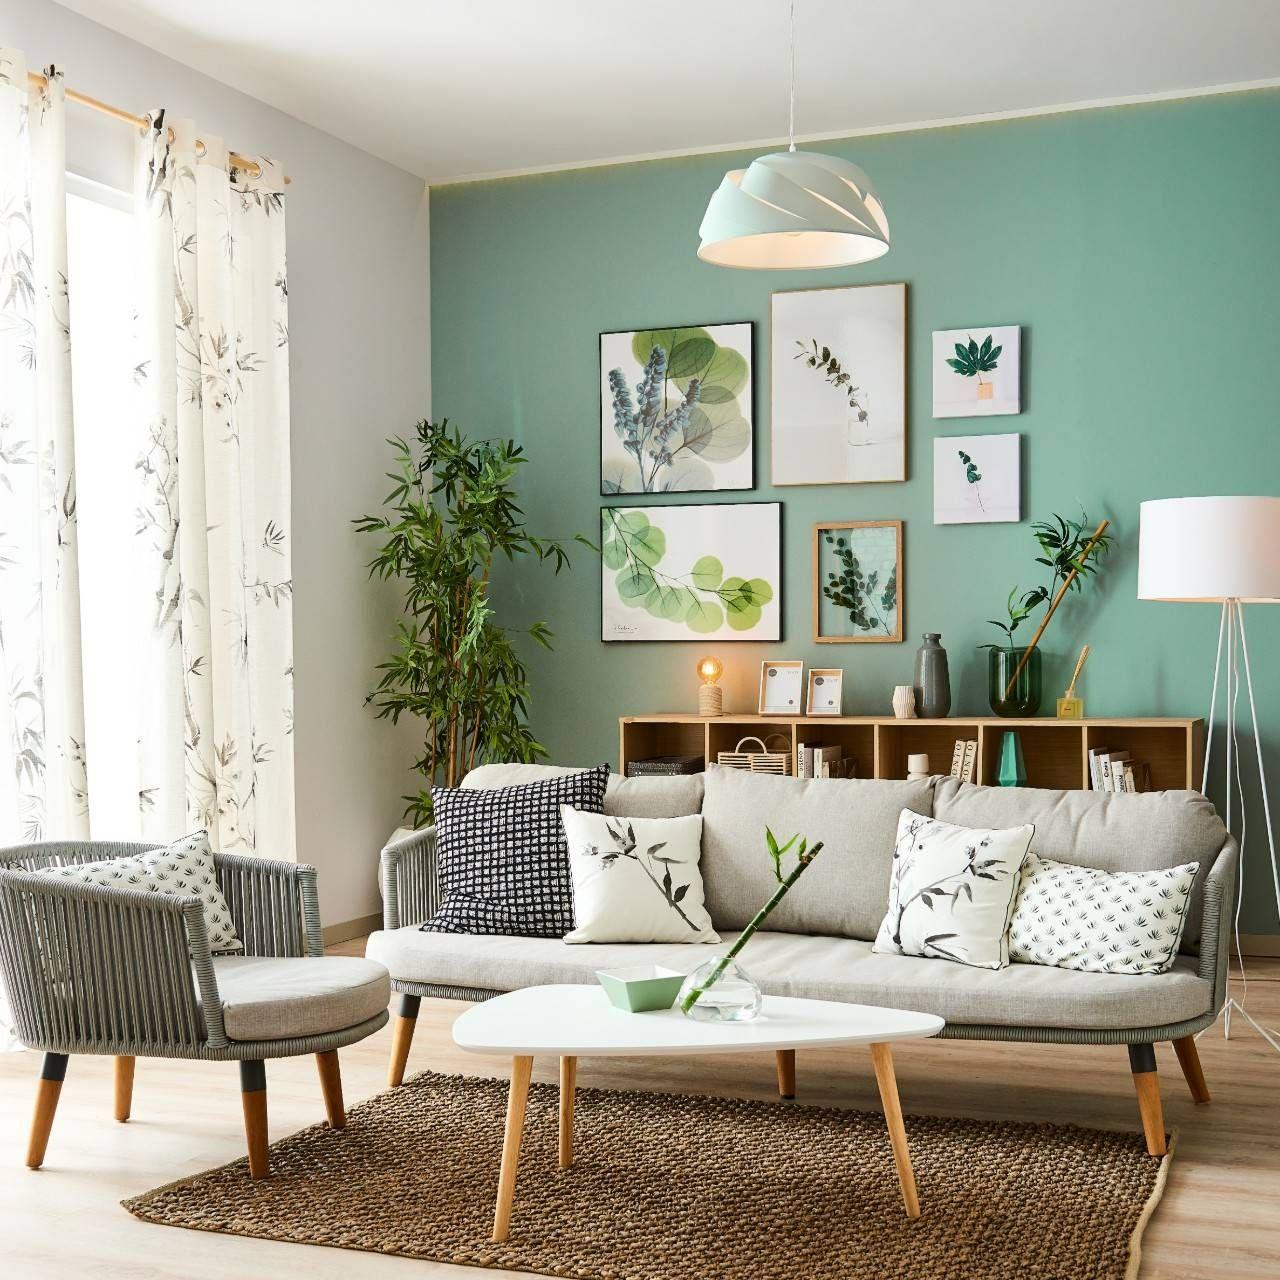 Influencia Oriental Decorando Paredes Blancas Ideas De Diseño De Interiores Decoraciones De Casa